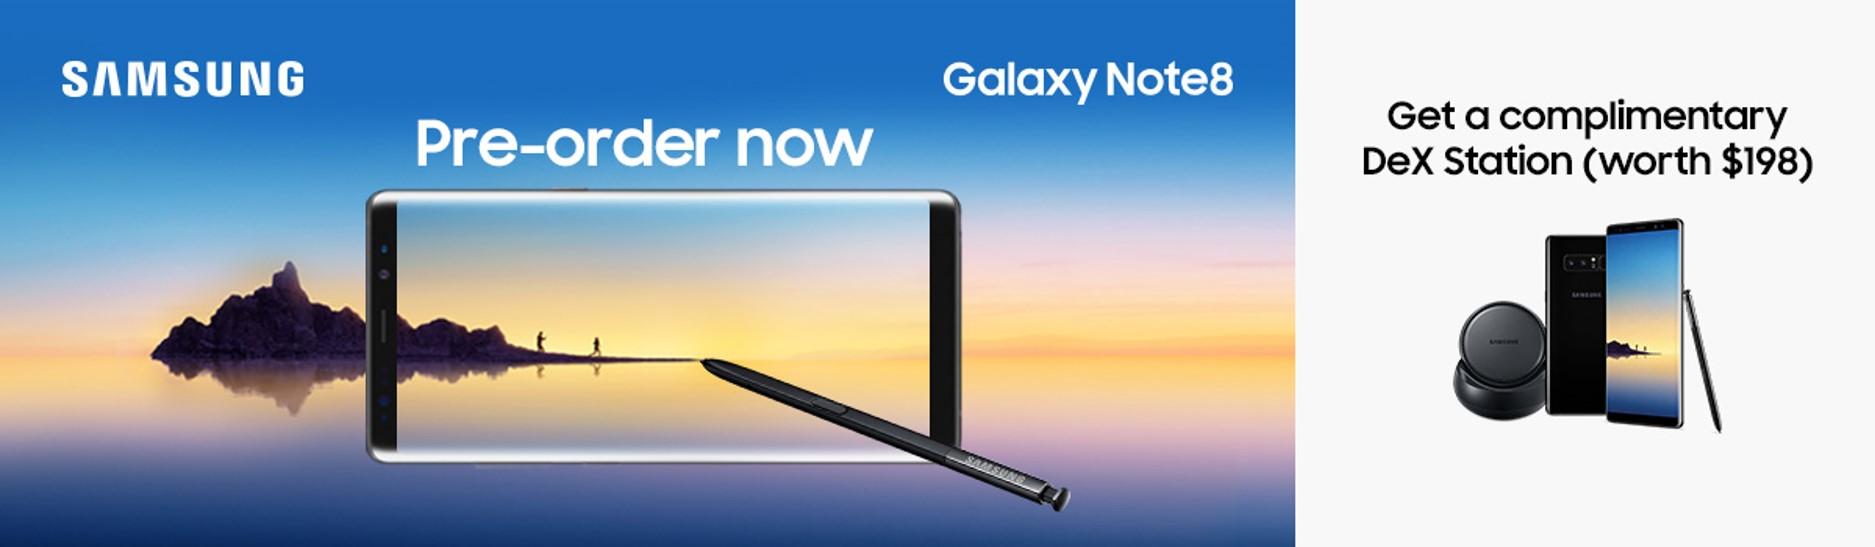 Samsung Galaxy Note8 Pre-order on Lazada.sg